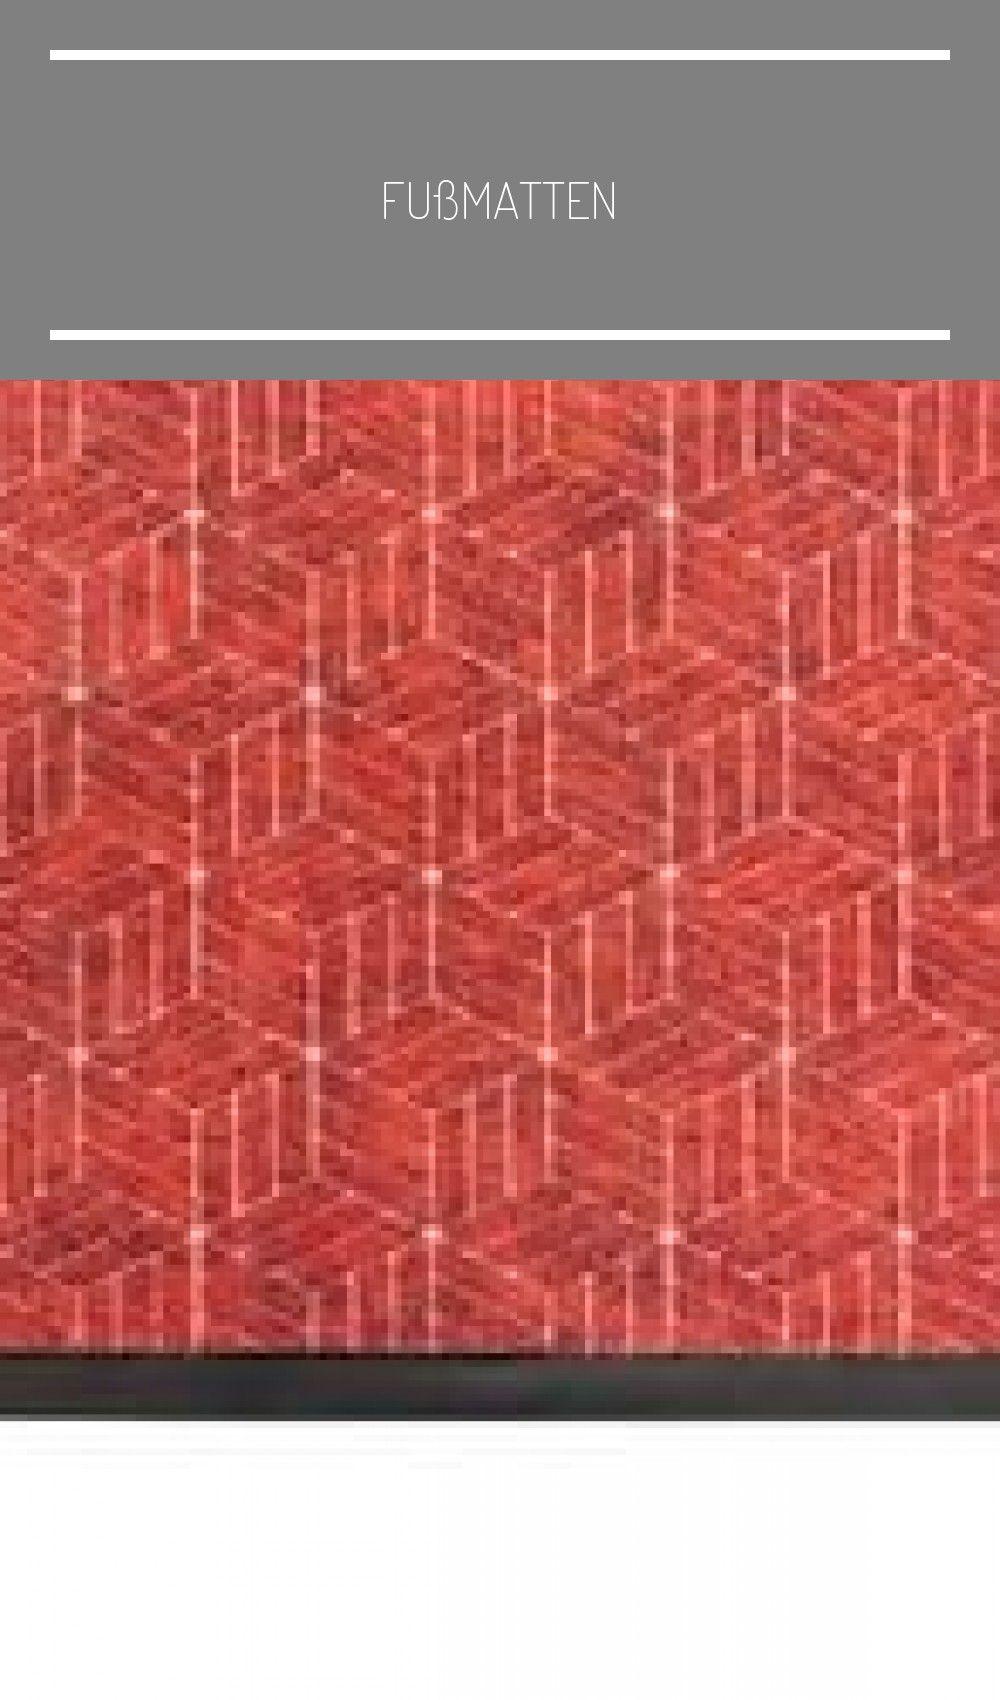 Photo of Mercury Fußmatte Cubes xn--rotbroshop24-… #eingangsbereich haus